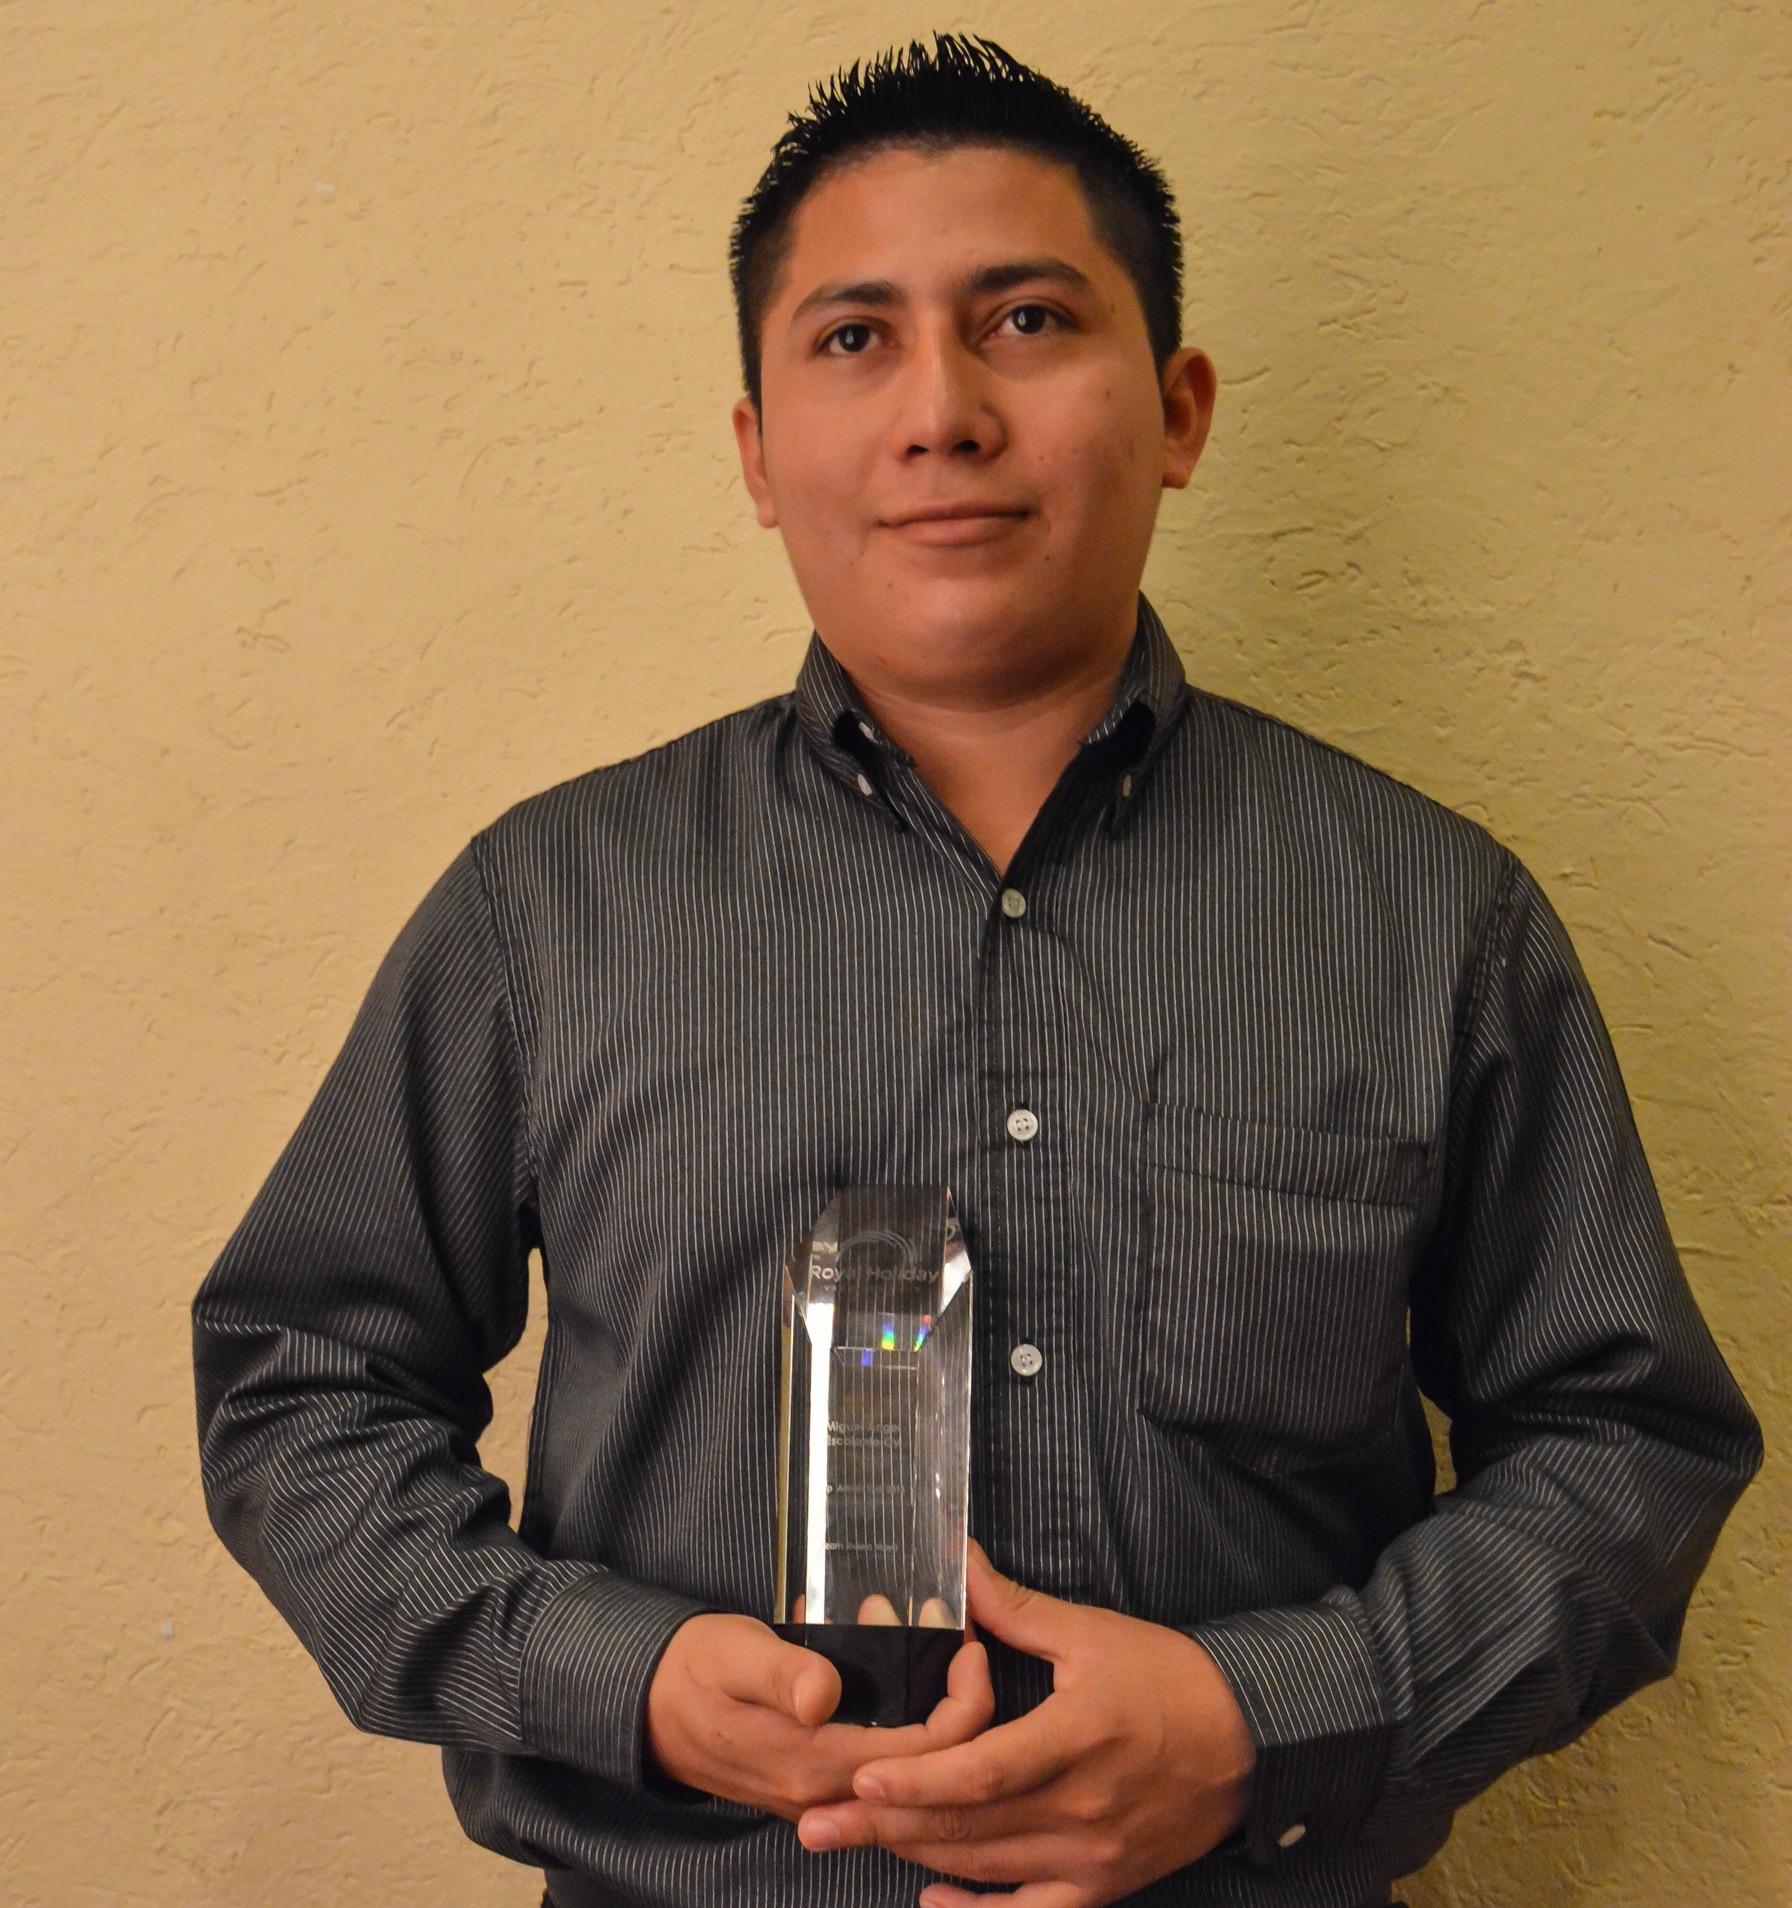 Miguel Escalante